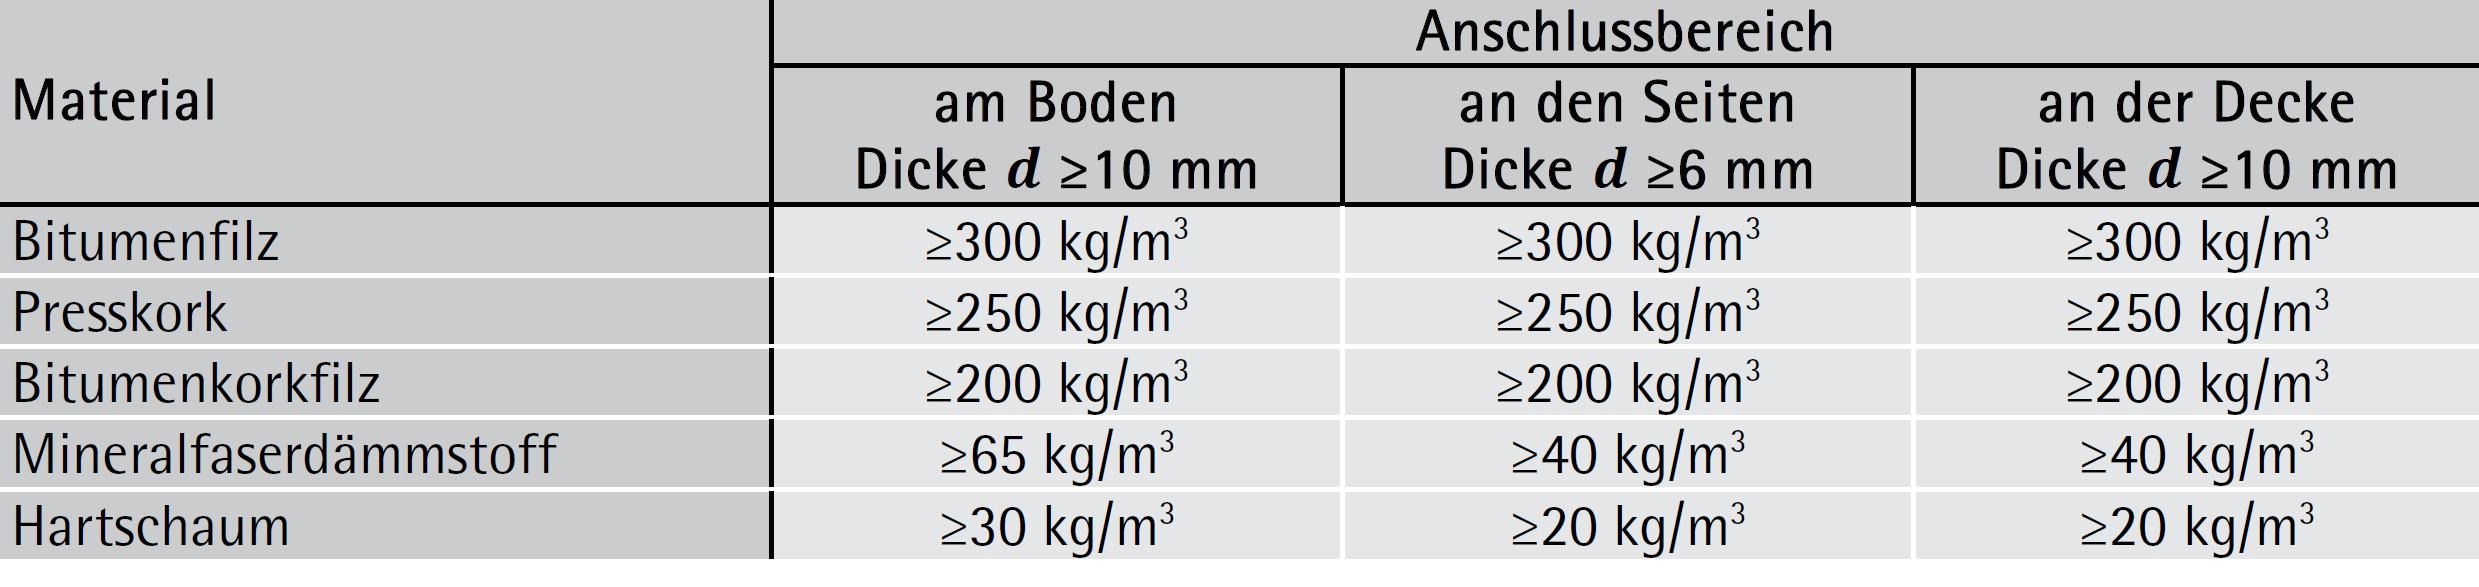 Tabelle 7-20: Baustoffe für elastische Zwischenlagen bei Anschlüssen